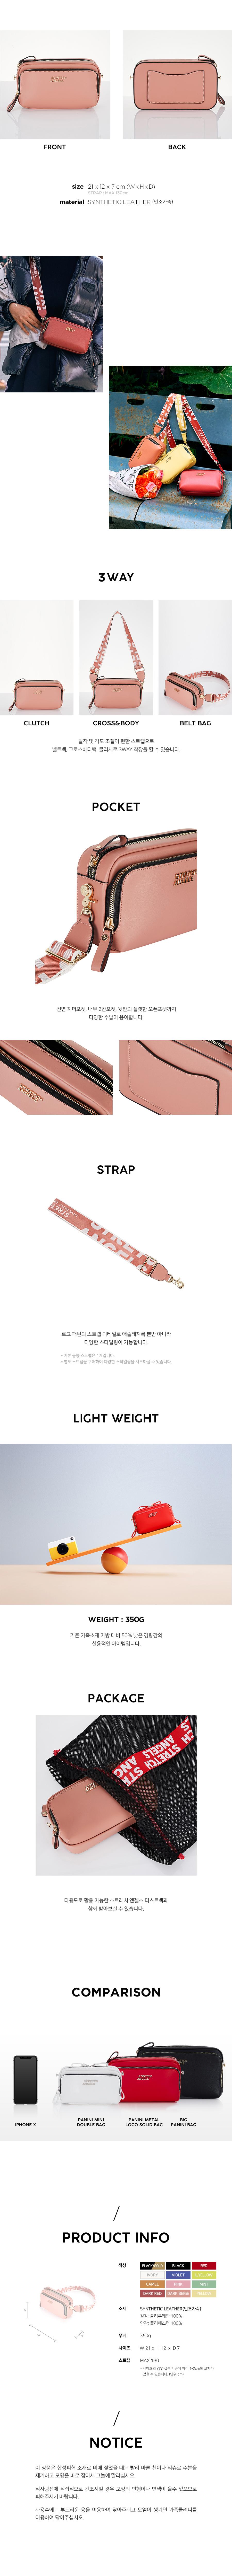 스트레치 엔젤스(STRETCH ANGELS) [파니니백]PANINI metal logo solid bag (Dark Beige)